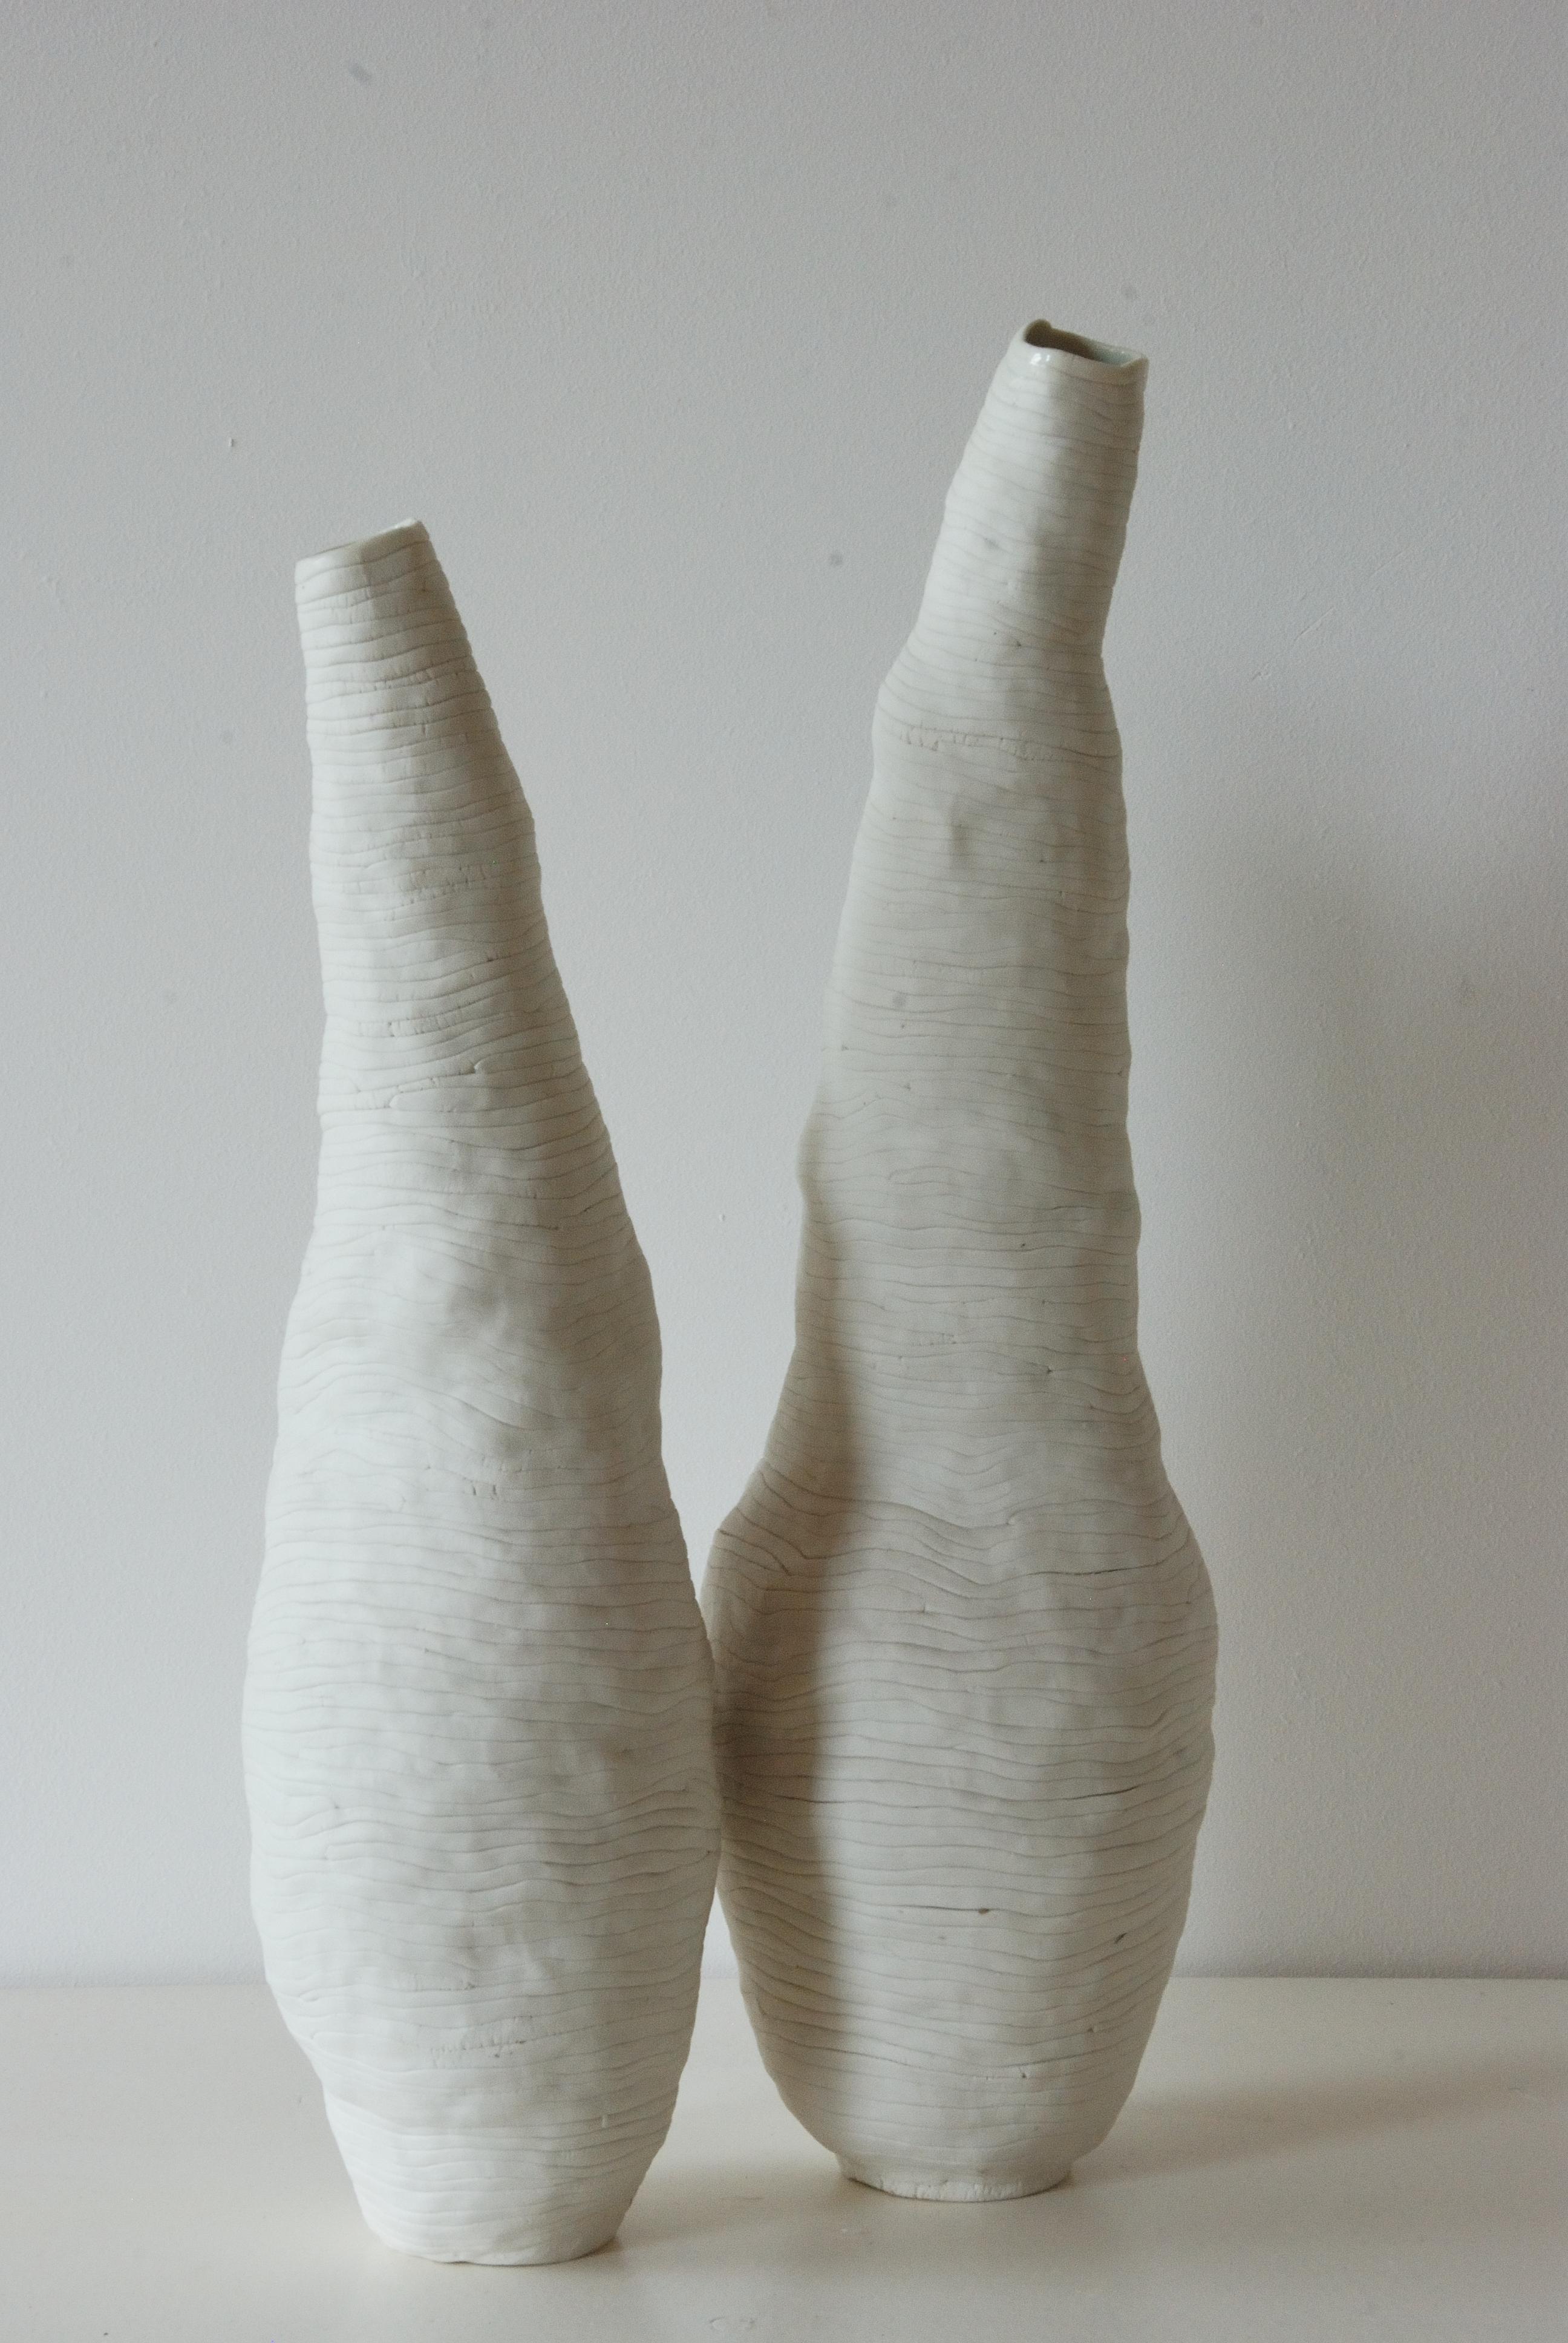 Porselein (2006)